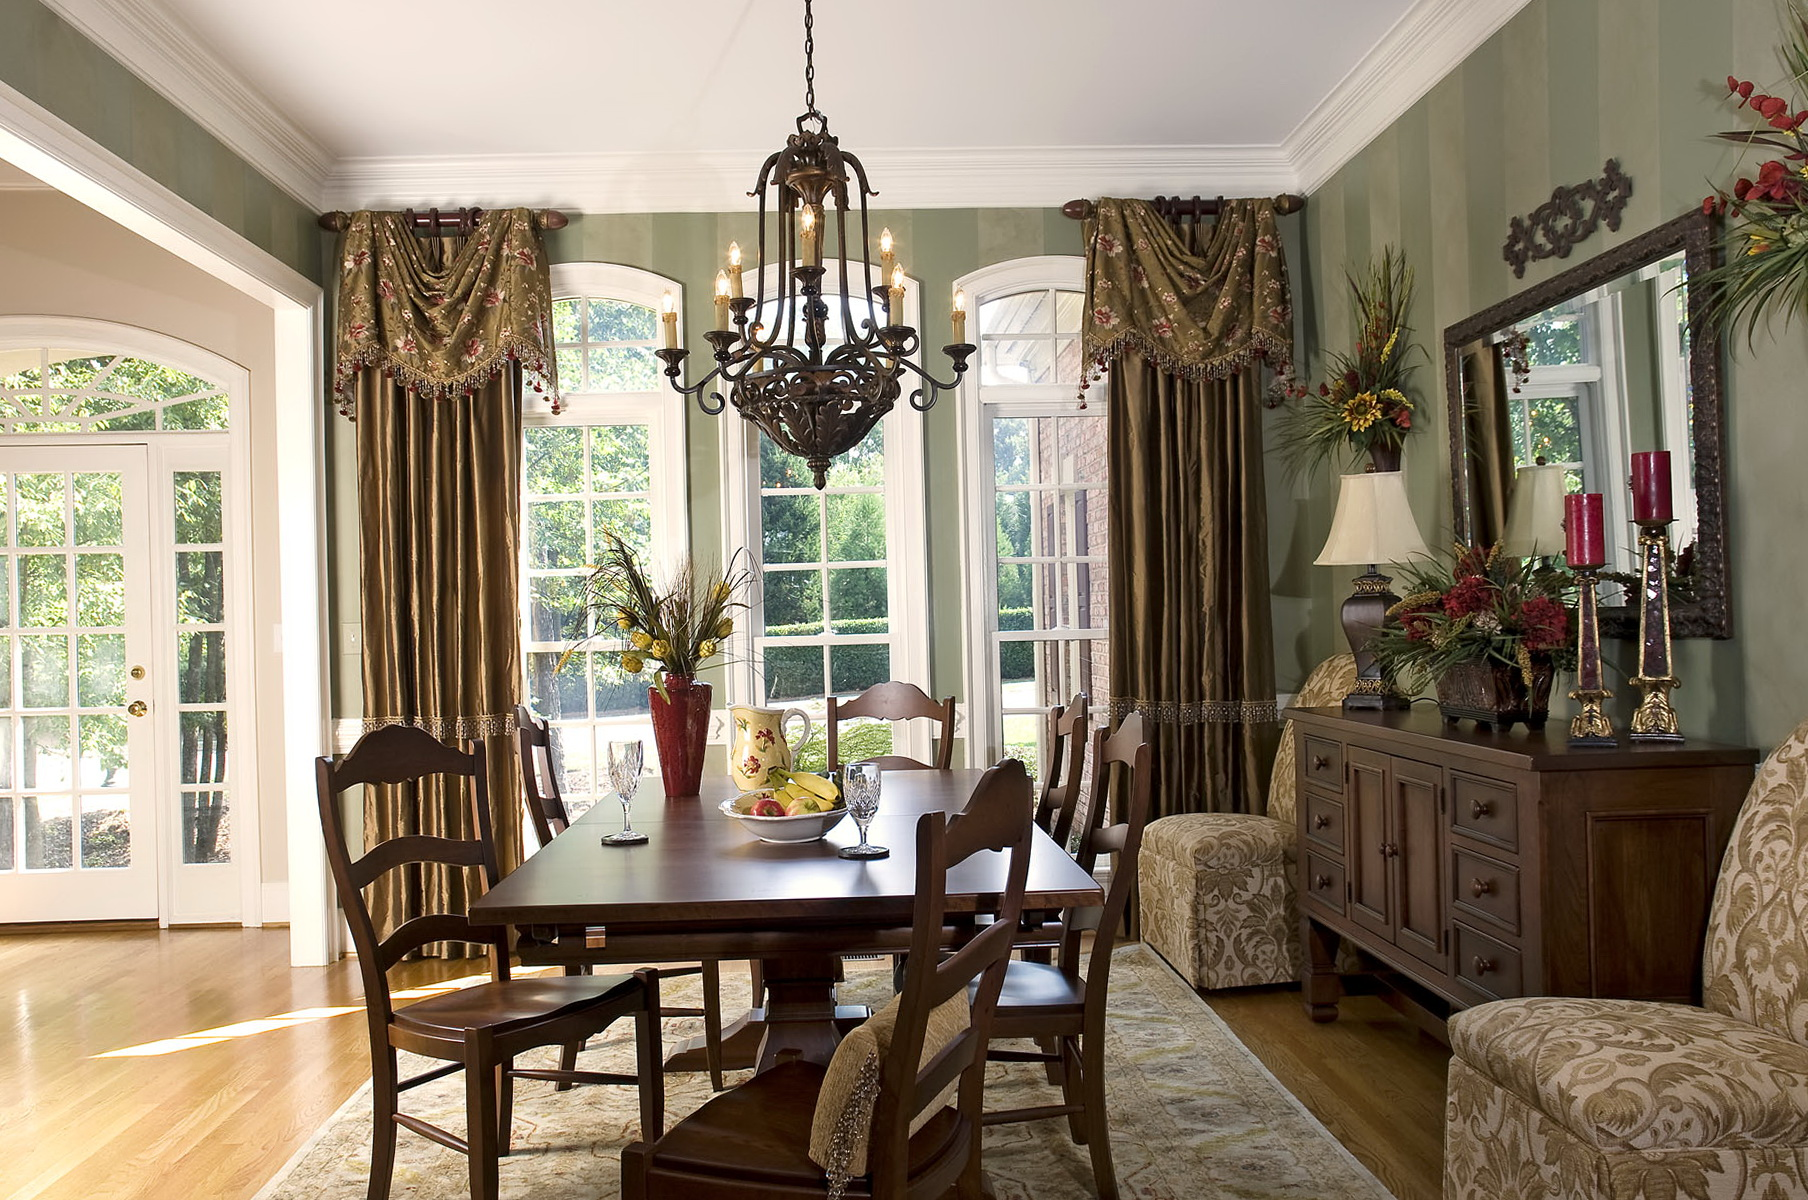 Dining Room Drapery Ideas Part - 21: Formal Dining Room Curtain Ideas